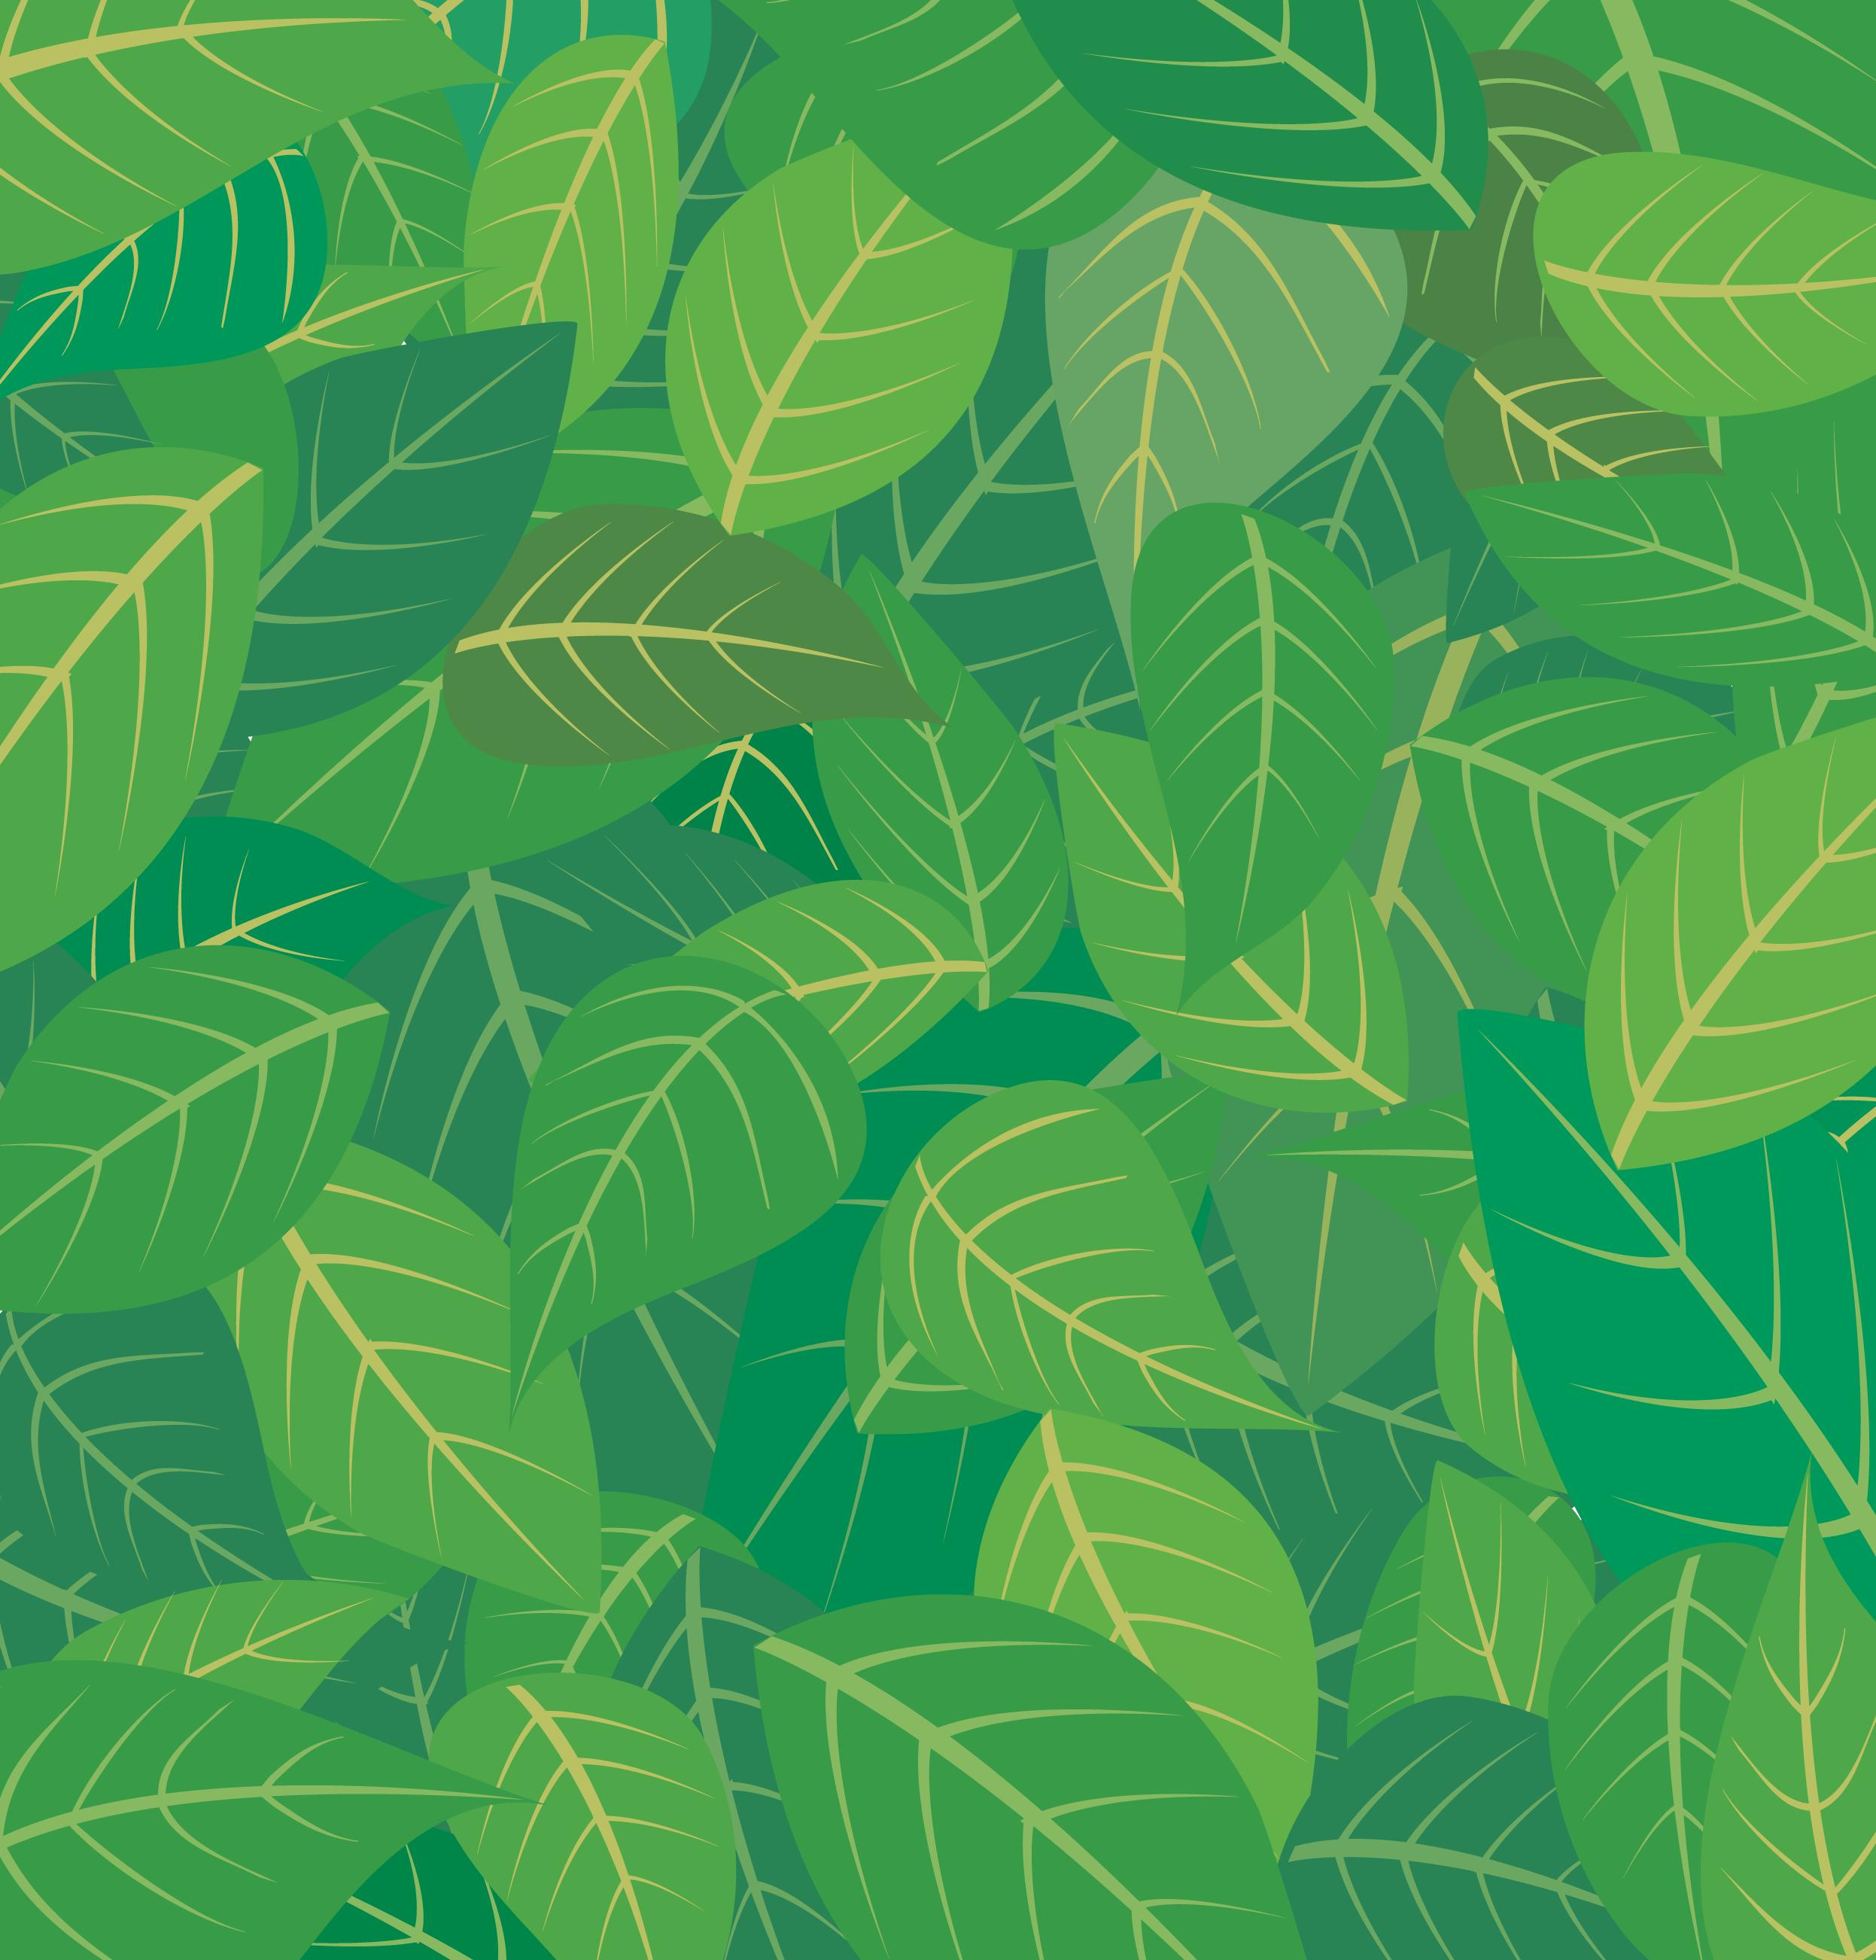 葉っぱや草木のイラスト/壁紙・背景no.043『重なりあう葉・緑